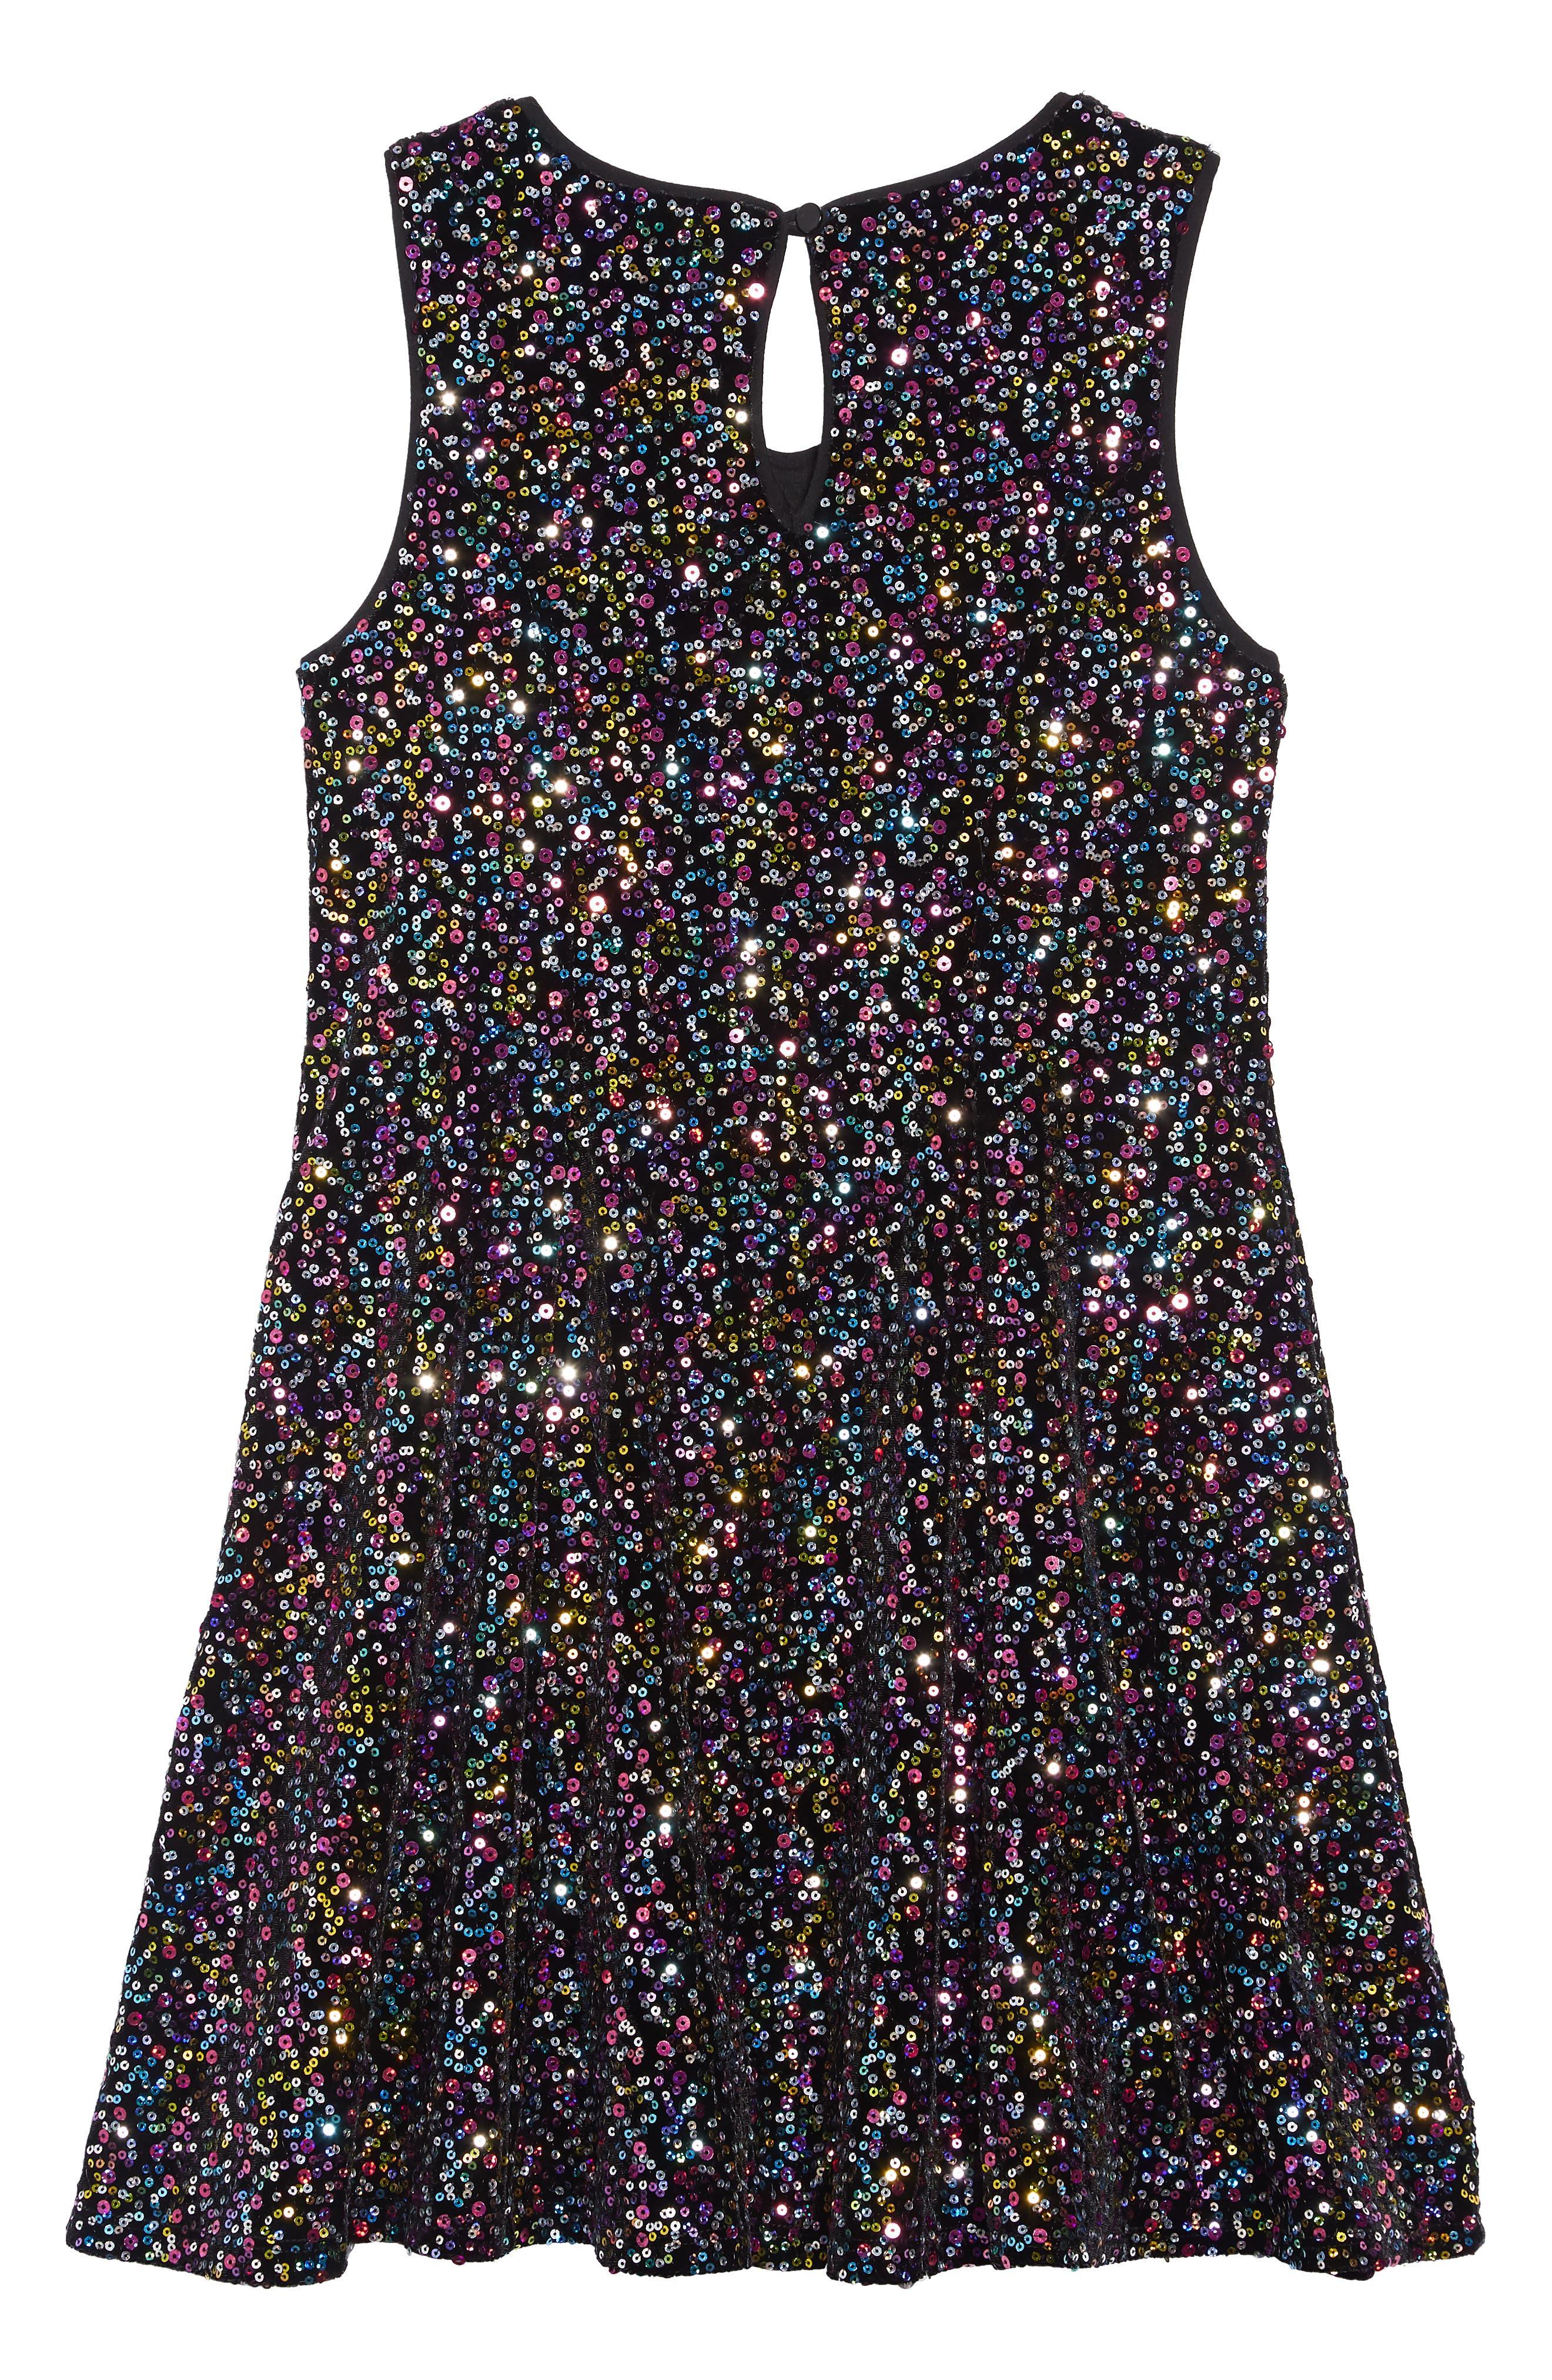 Velvet Sequin Embellished Dress,                             Alternate thumbnail 2, color,                             BLACK MULTI